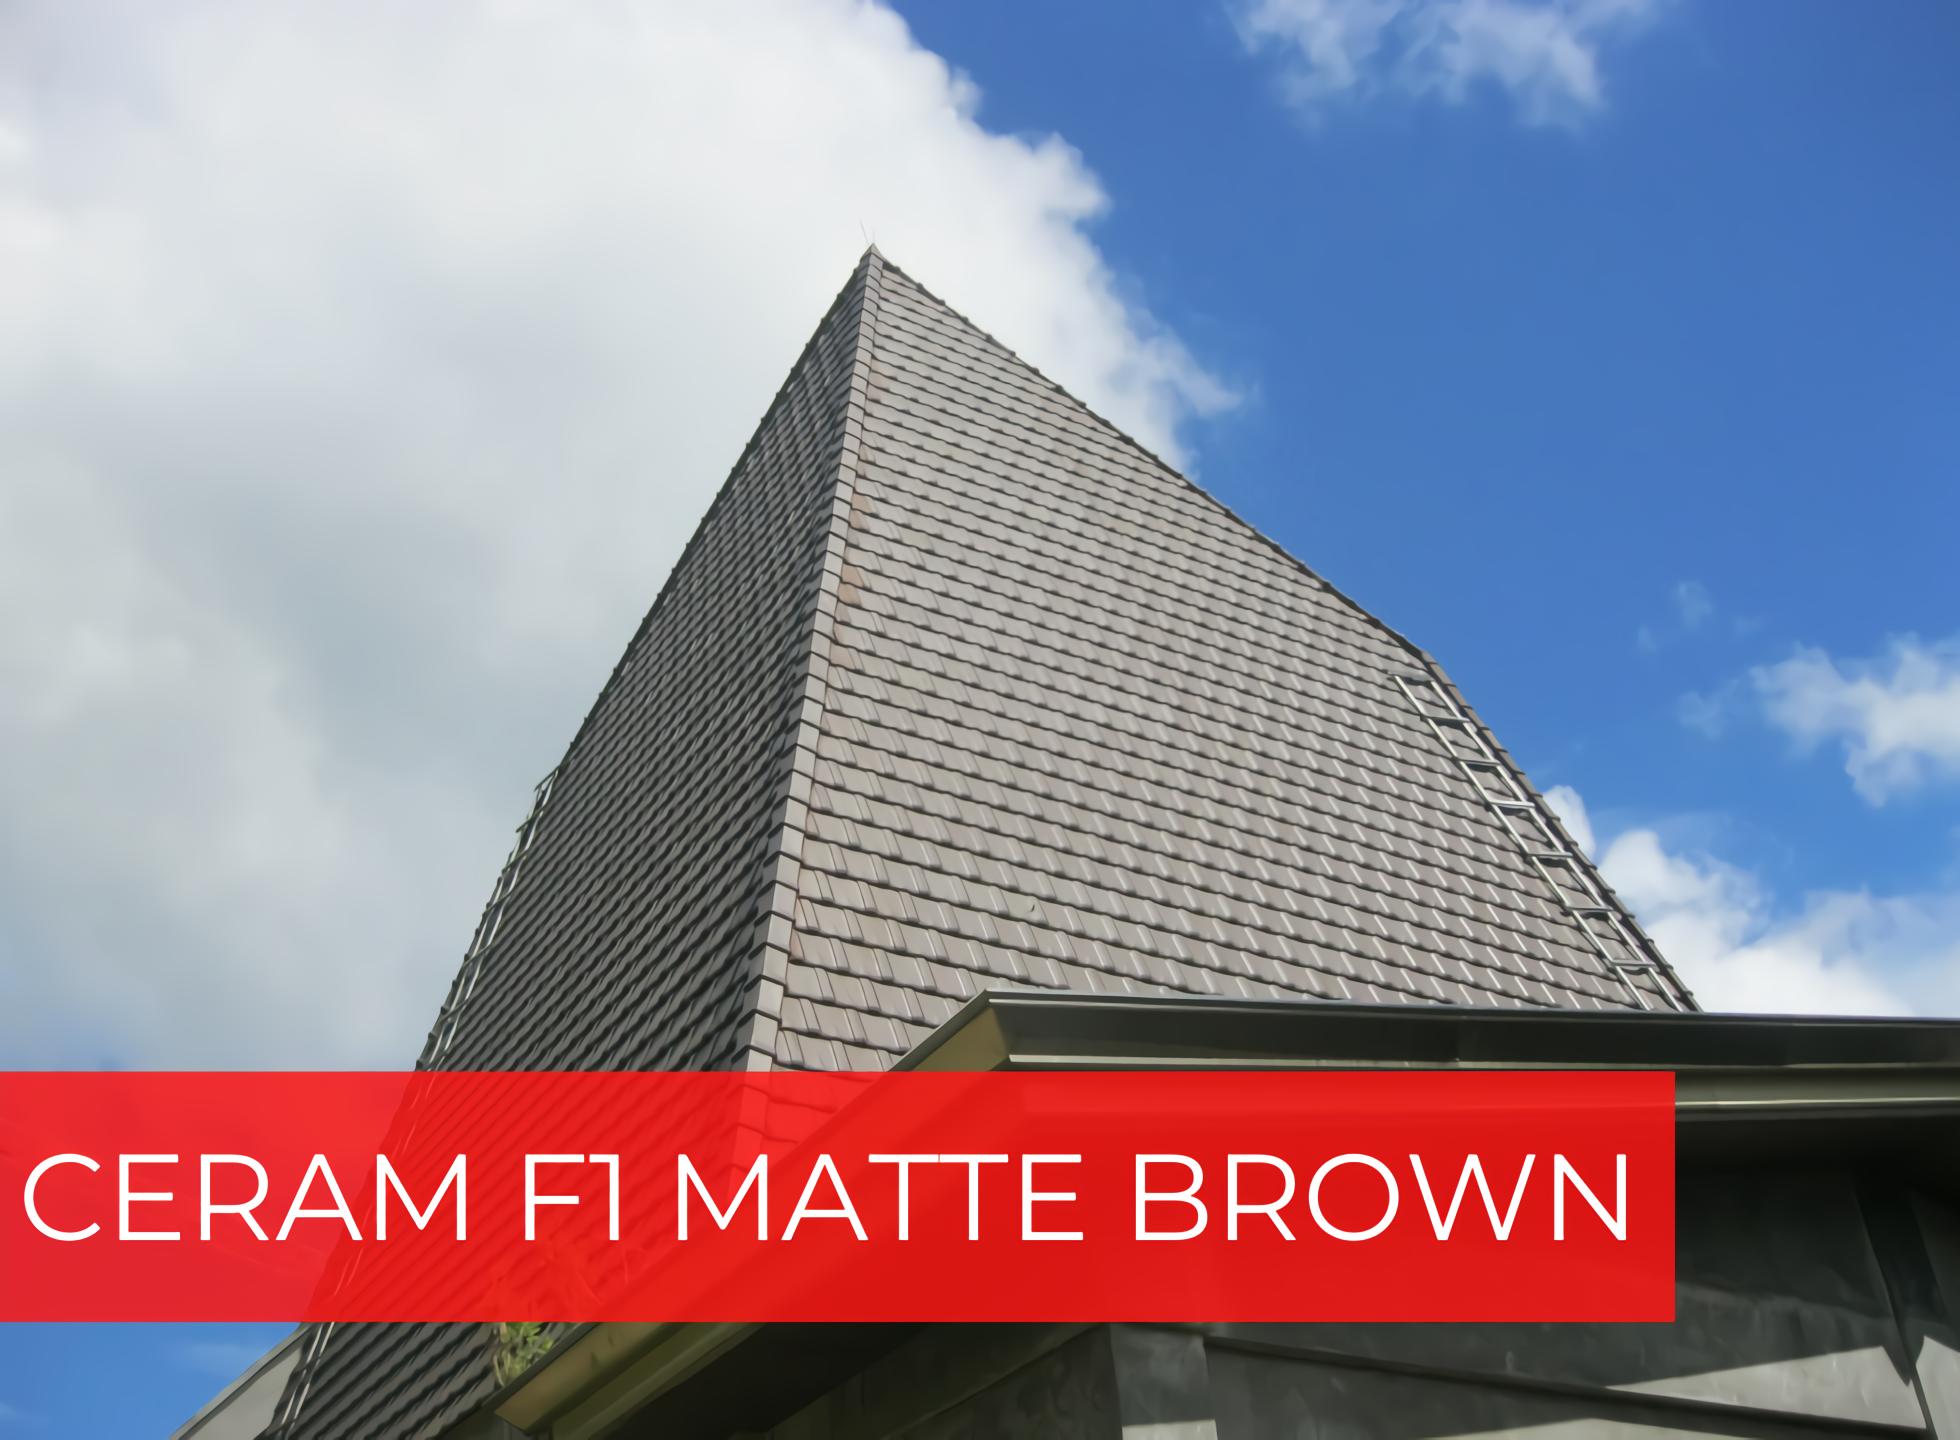 CERAM F1 MATTE BROWN photo